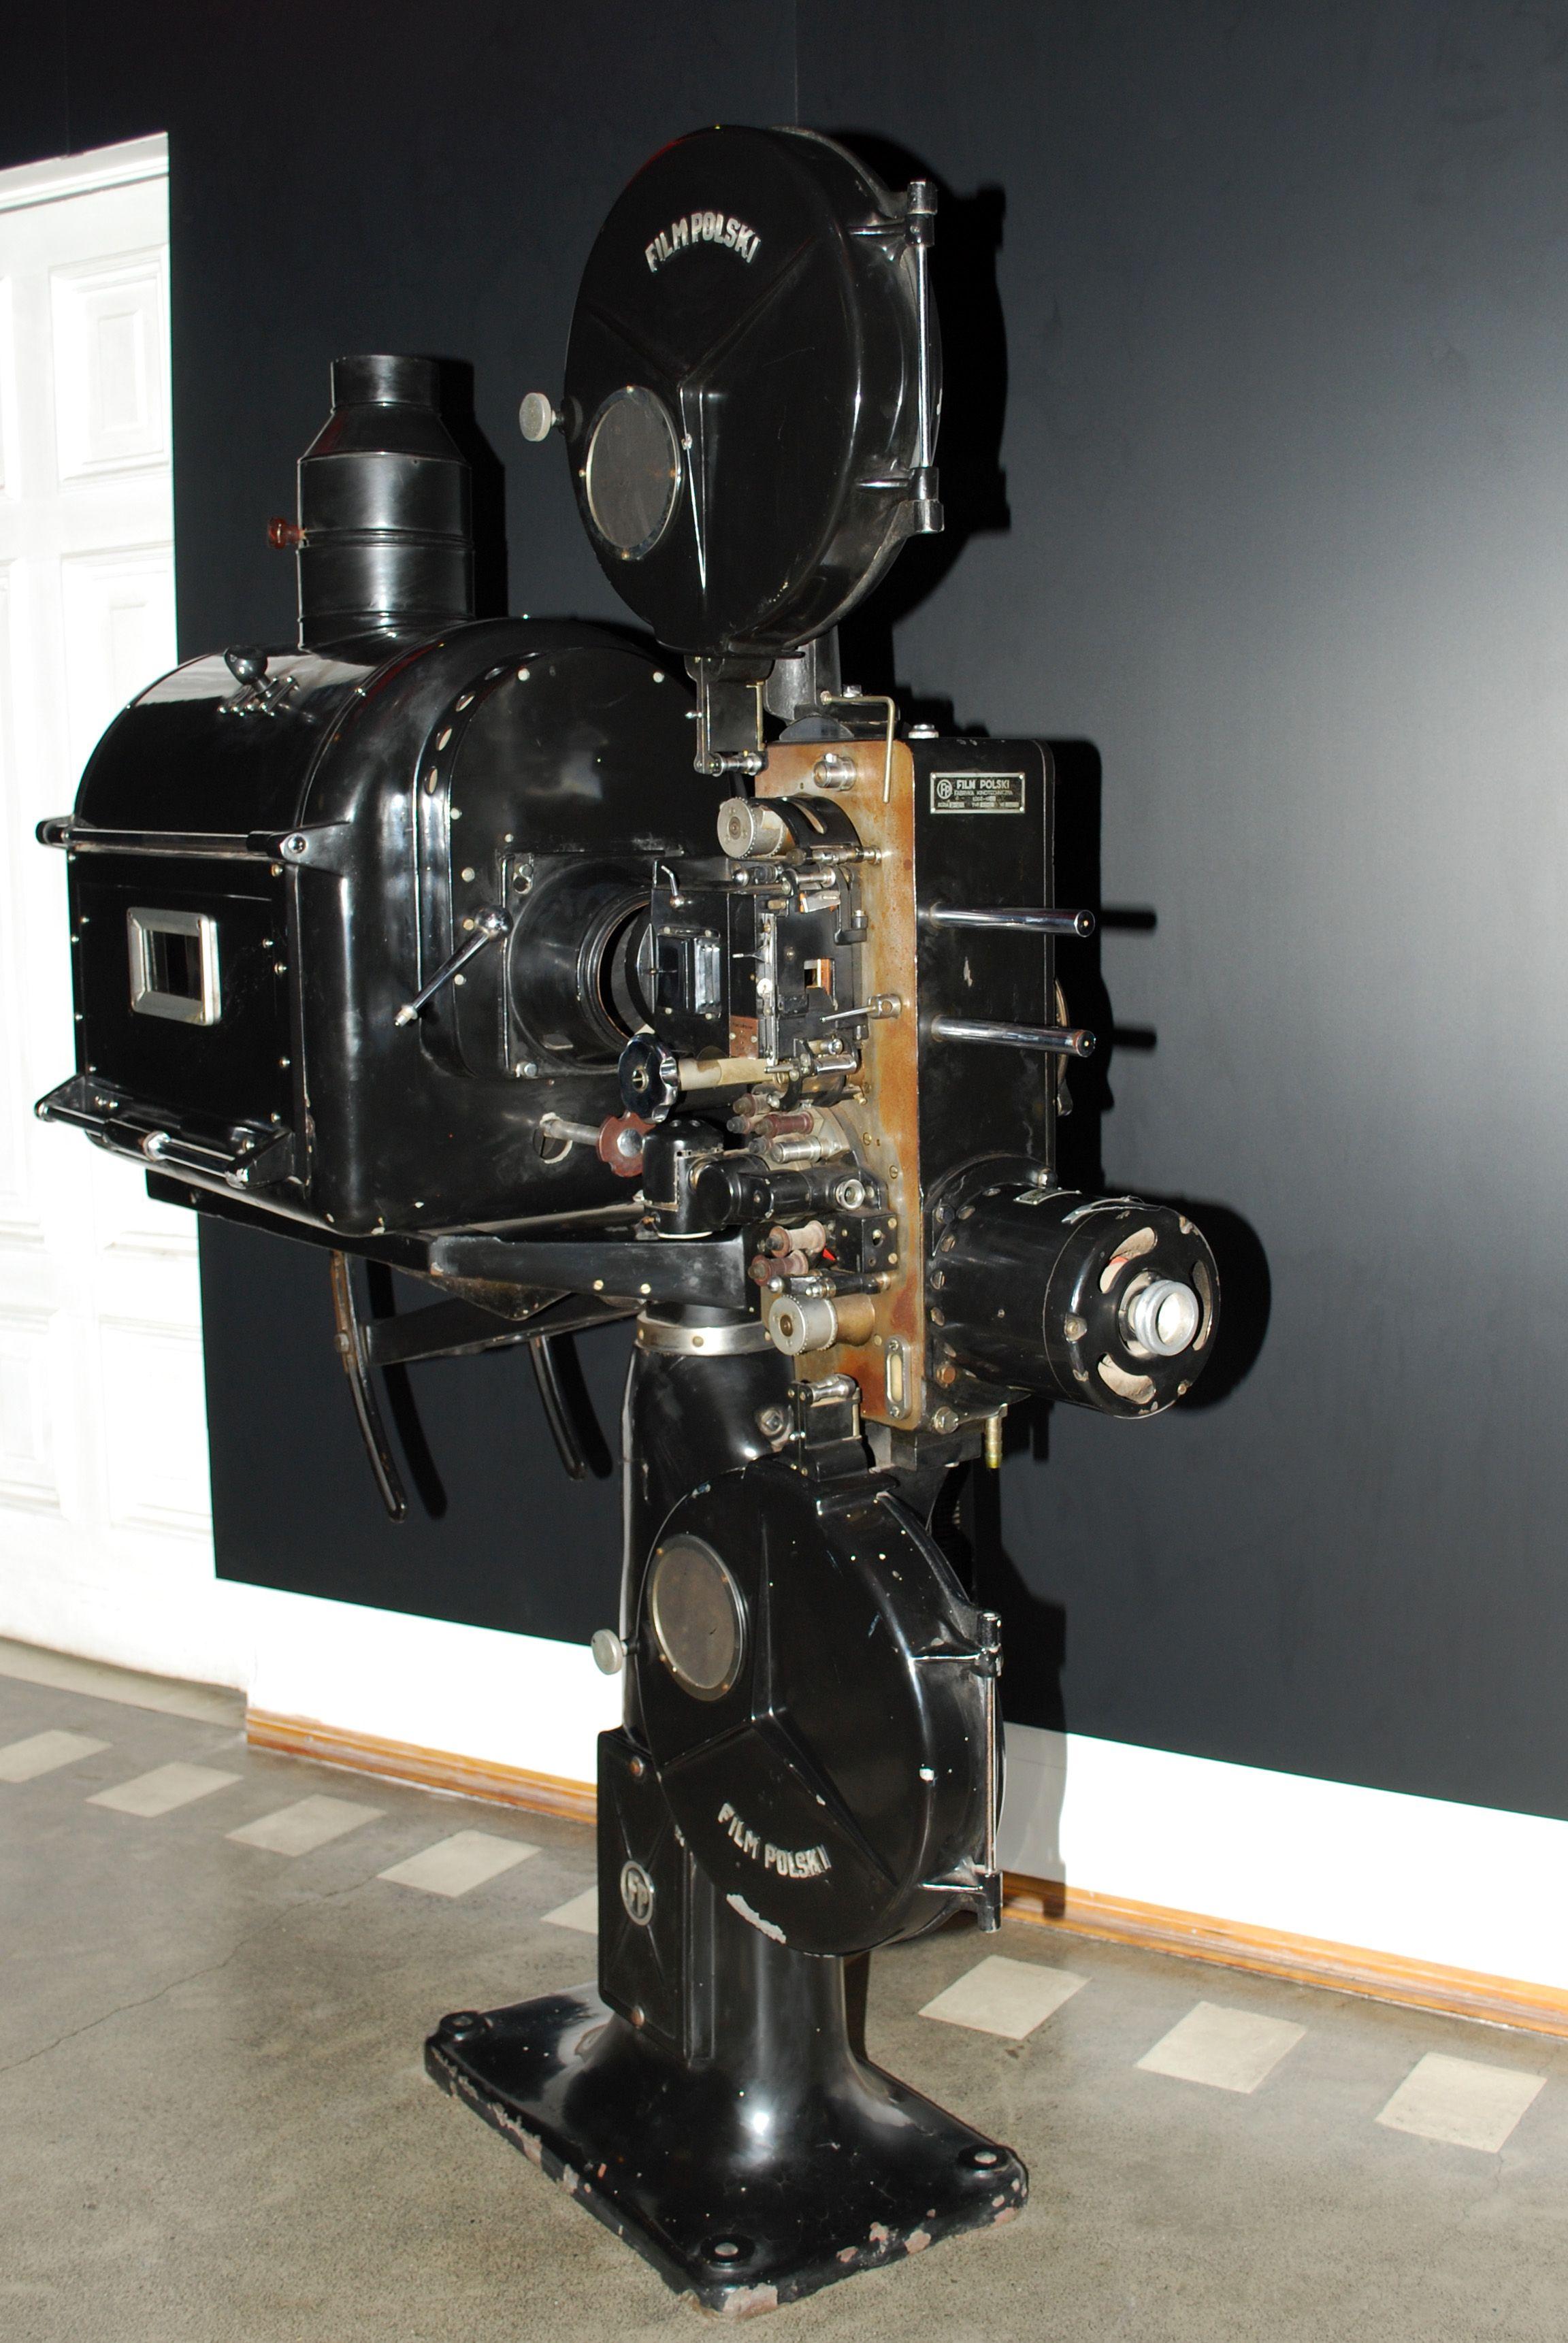 A Cinema Projector Nikon D60 Steampunk Cinema Projector Camera Decor Movie Projector